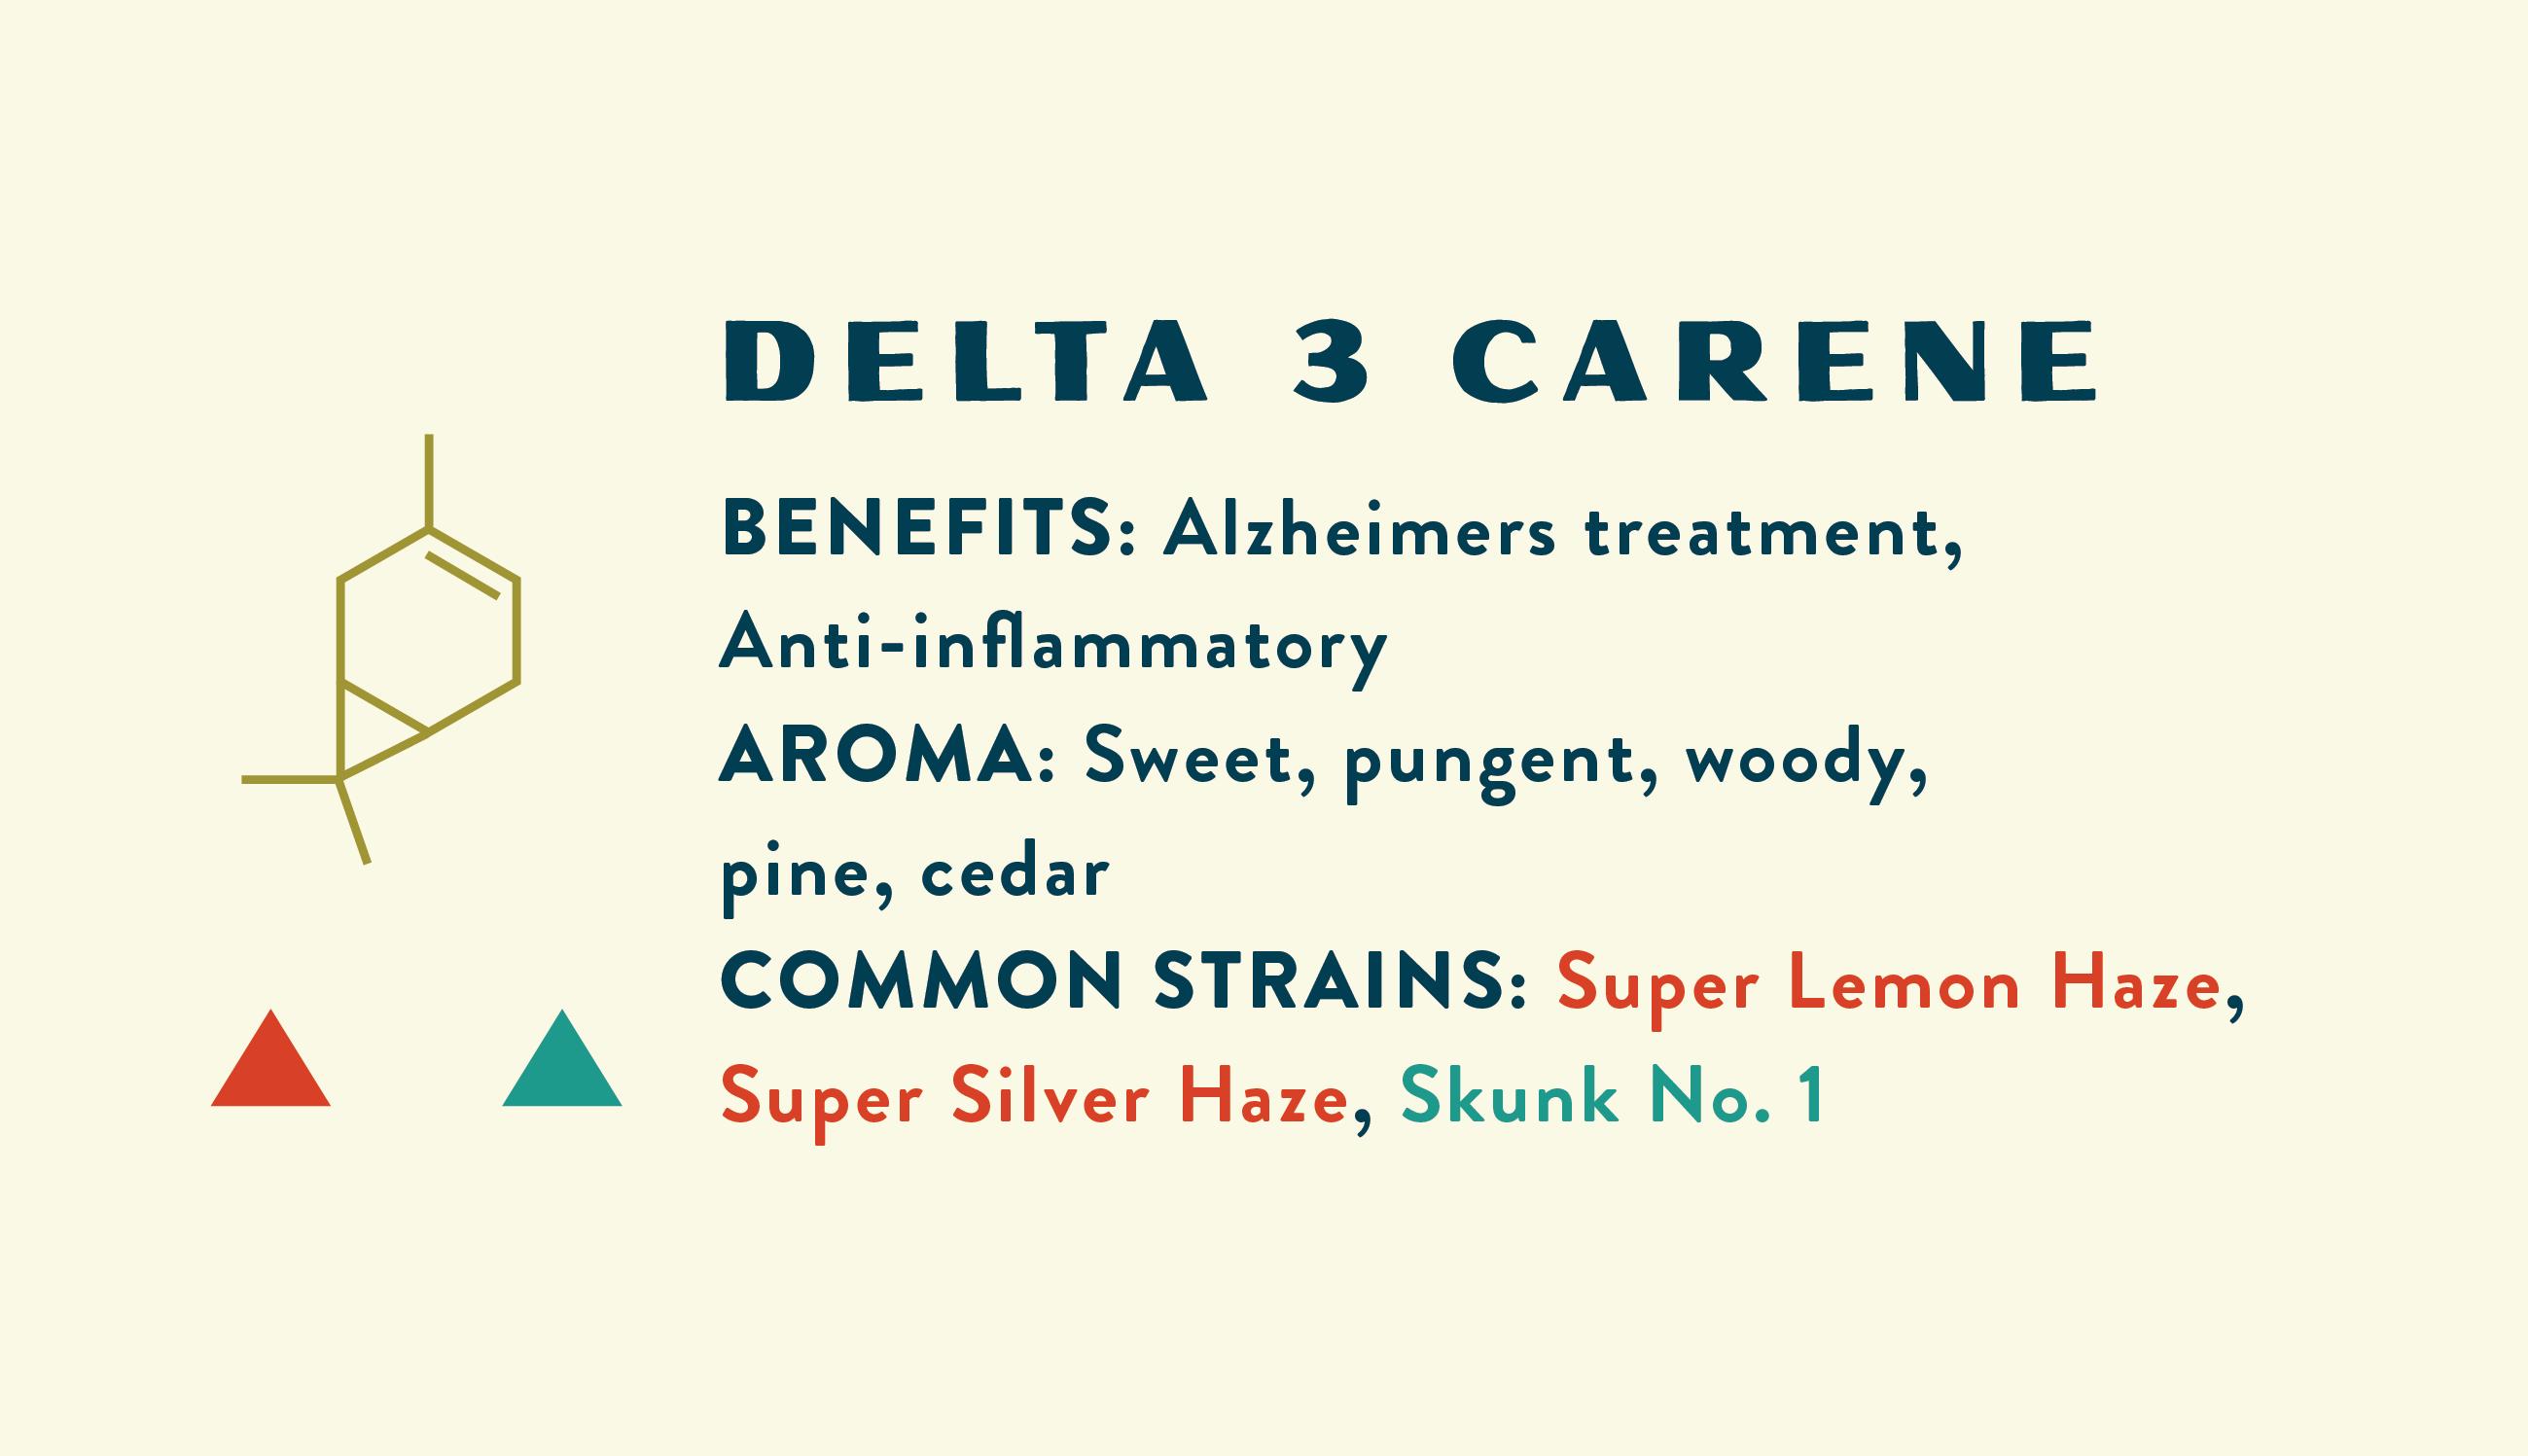 Delta 3 Carene Information